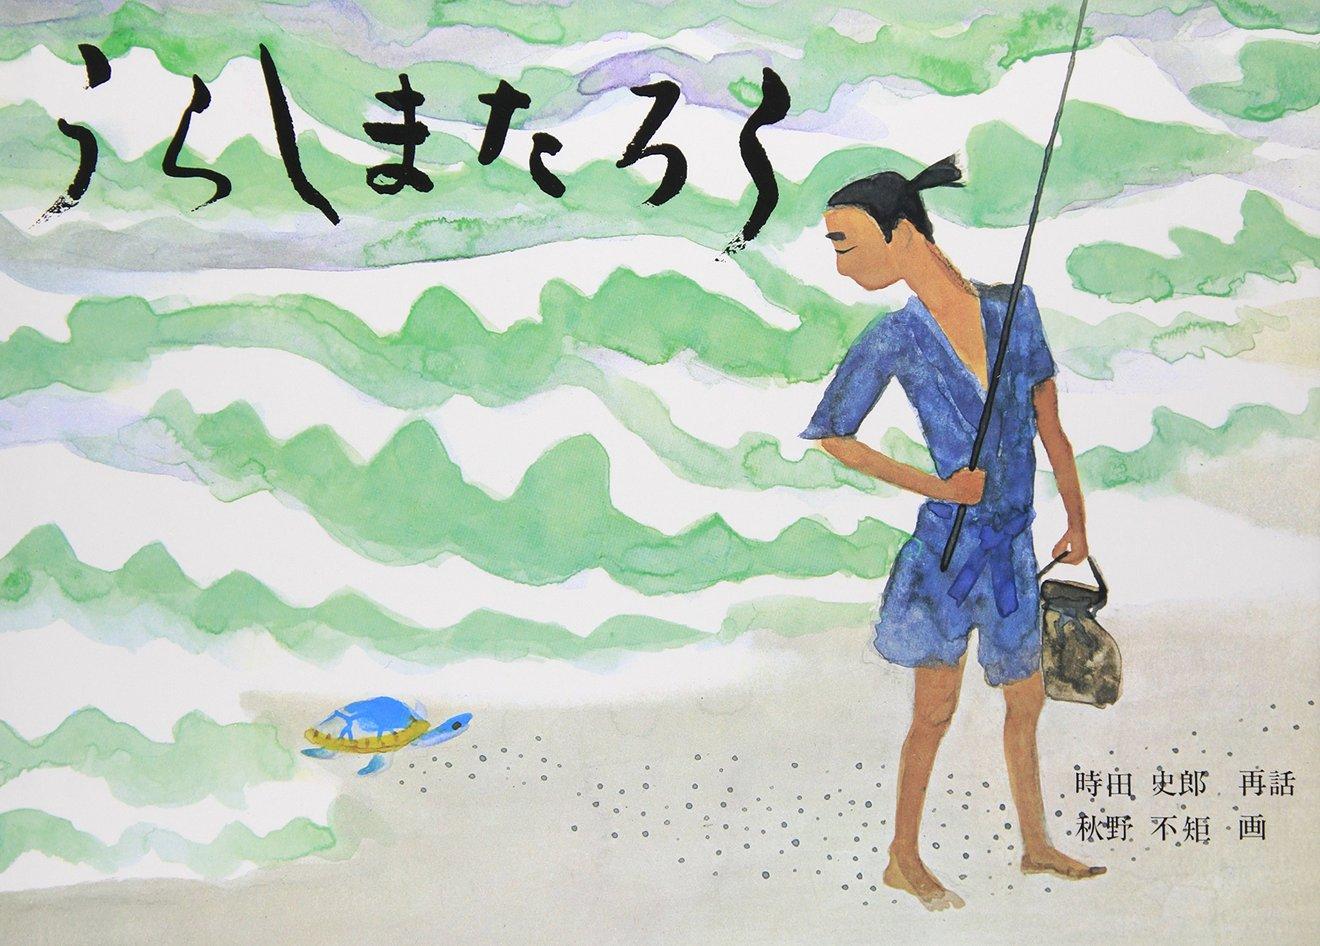 浦島太郎にはその後があった!原作の物語と玉手箱の謎、学べる教訓を考察